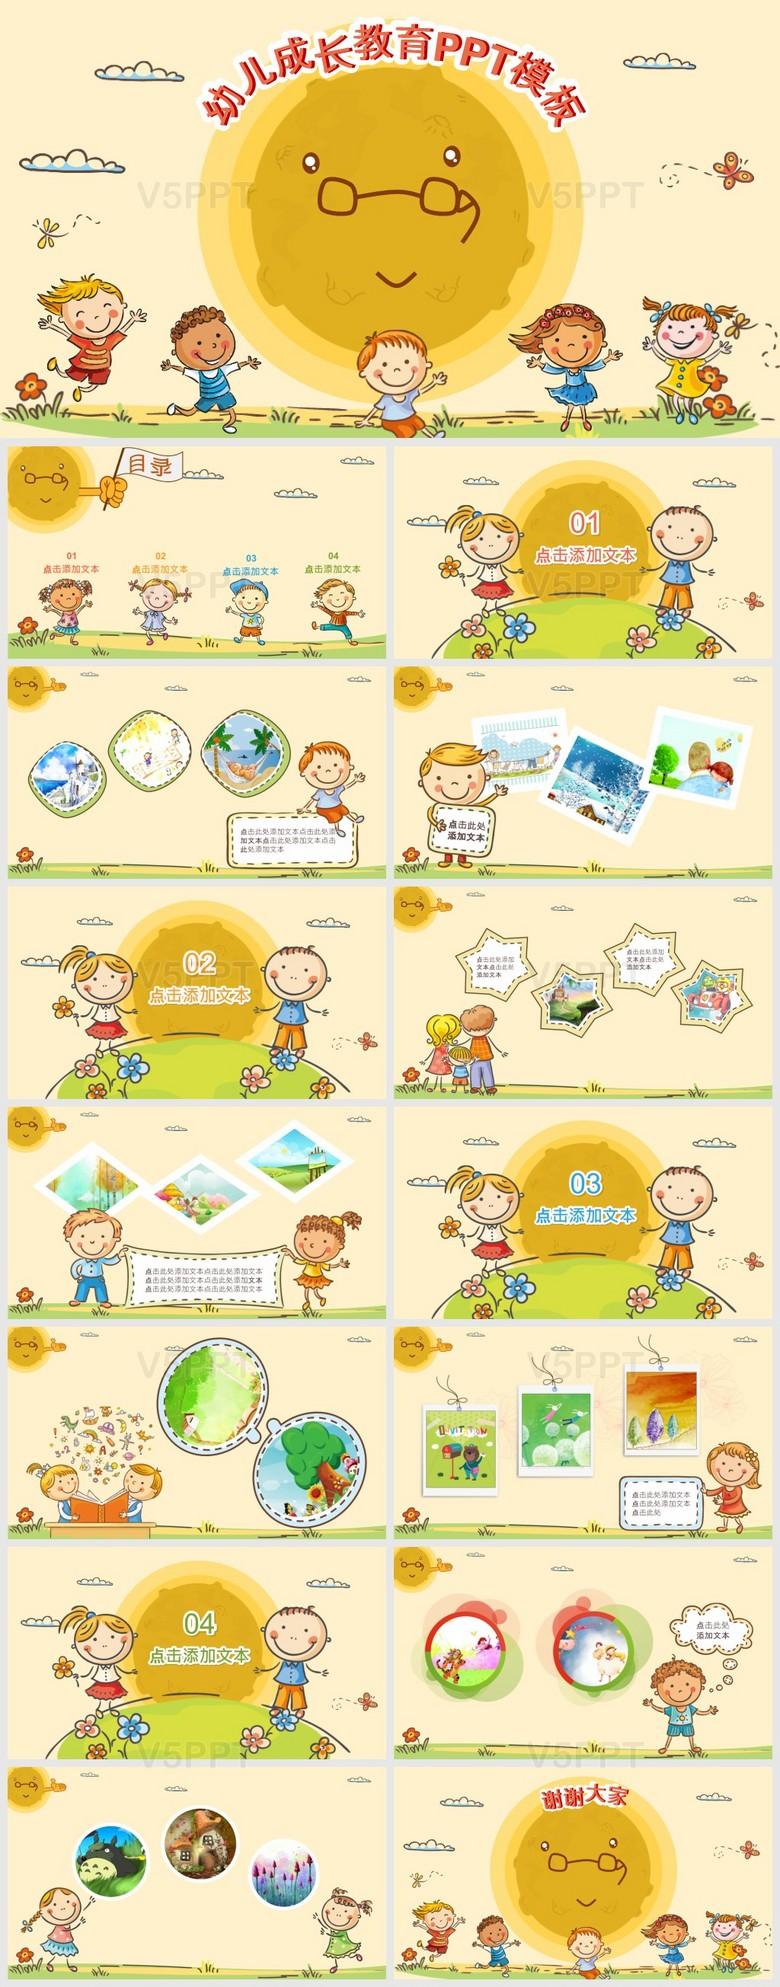 儿童相册卡通儿童教育教师课件家长会通用PPT模板